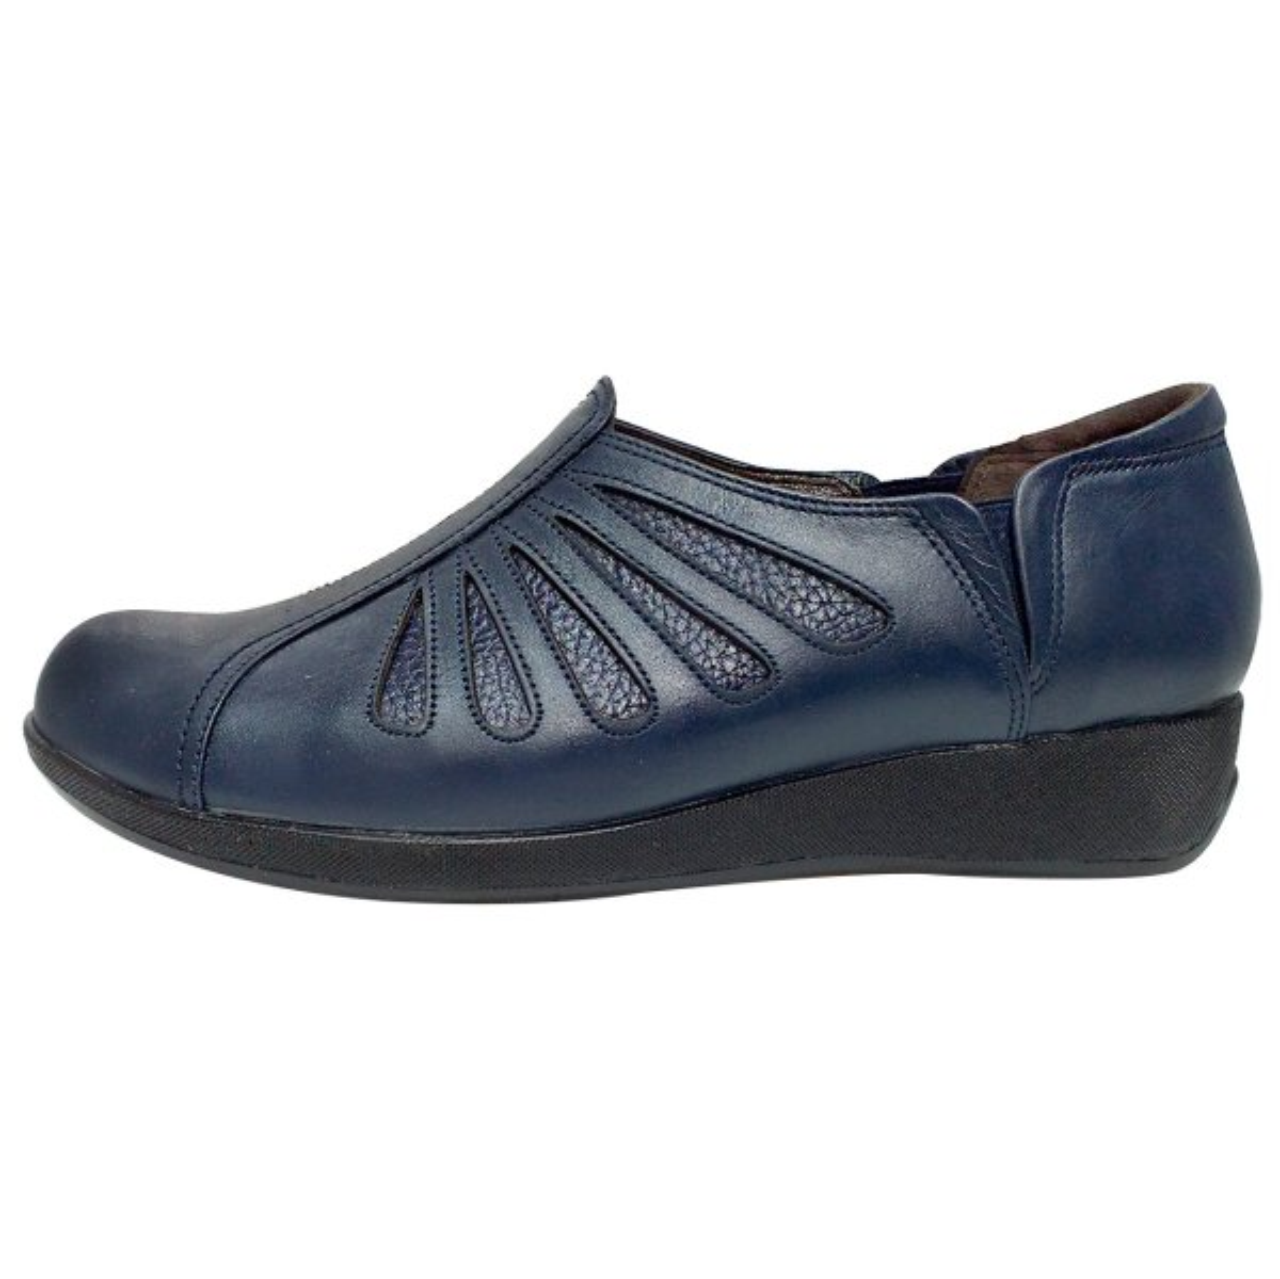 کفش روزمره زنانه روشن مدل شاهین کد 03